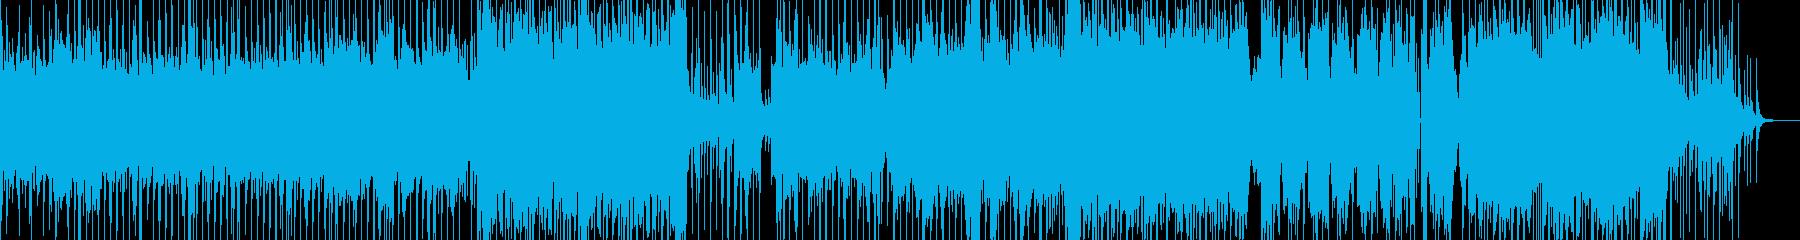 廃墟の都会・カオスなヒップホップ 長尺の再生済みの波形